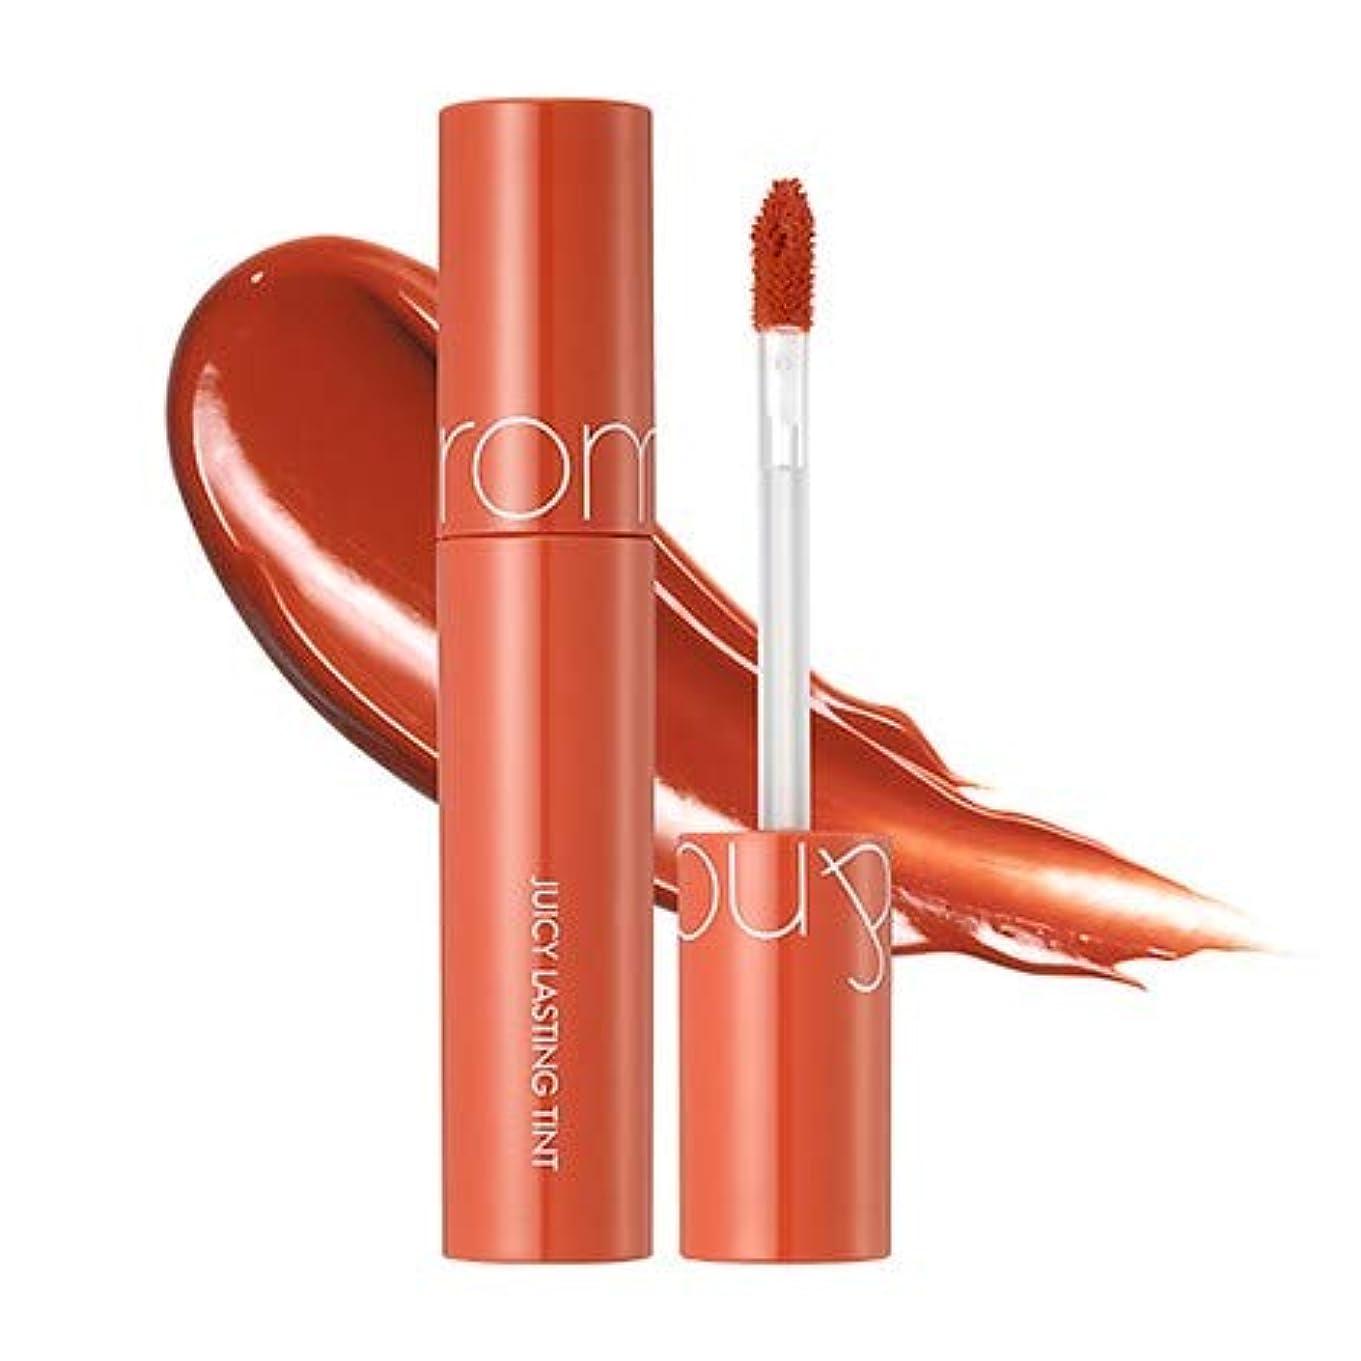 その他誇張頑固なローム?アンド?ジューシーラスティングティントリップティント韓国コスメ、Rom&nd Juicy Lasting Tint Lip Tint Korean Cosmetics [並行輸入品] (No.8 apple brown)